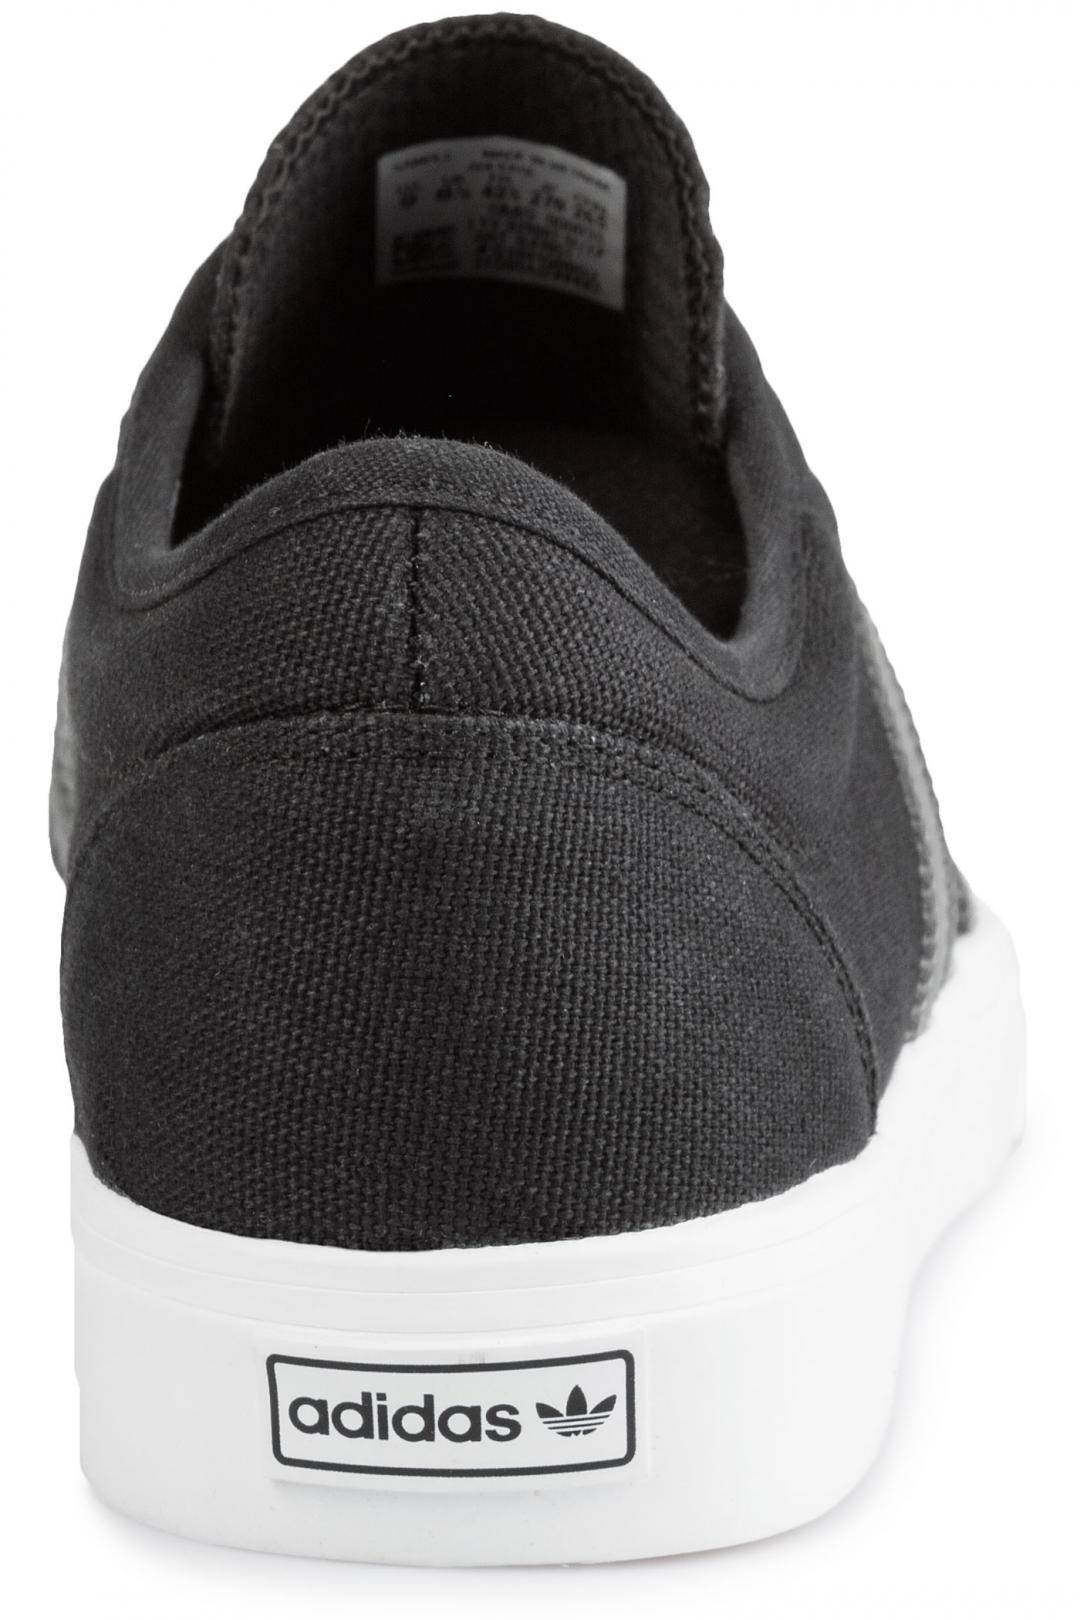 Uomo adidas Skateboarding Adi Ease core black grey four white | Sneakers low top